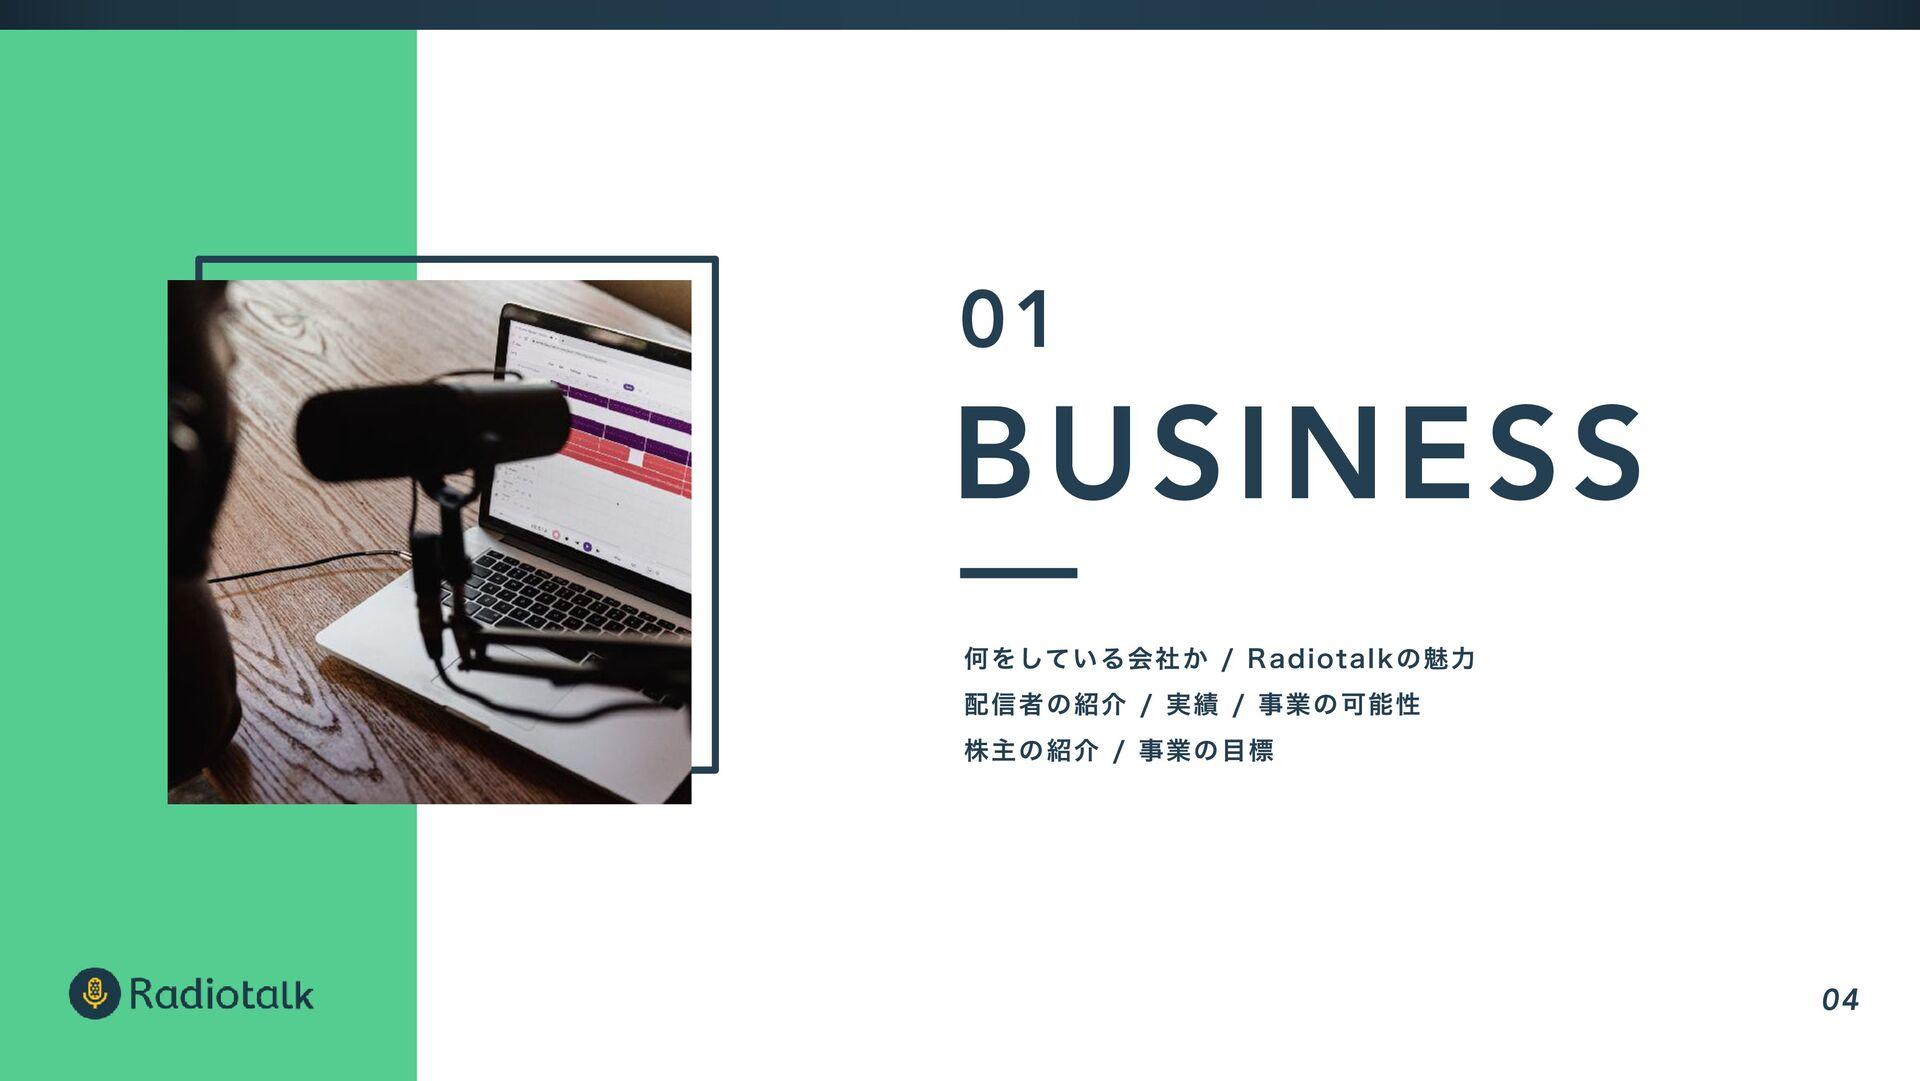 BUSINESS ԿΛ͍ͯ͠Δձ͔ࣾ3BEJPUBMLͷັྗ τʔΧʔͷհ࣮...